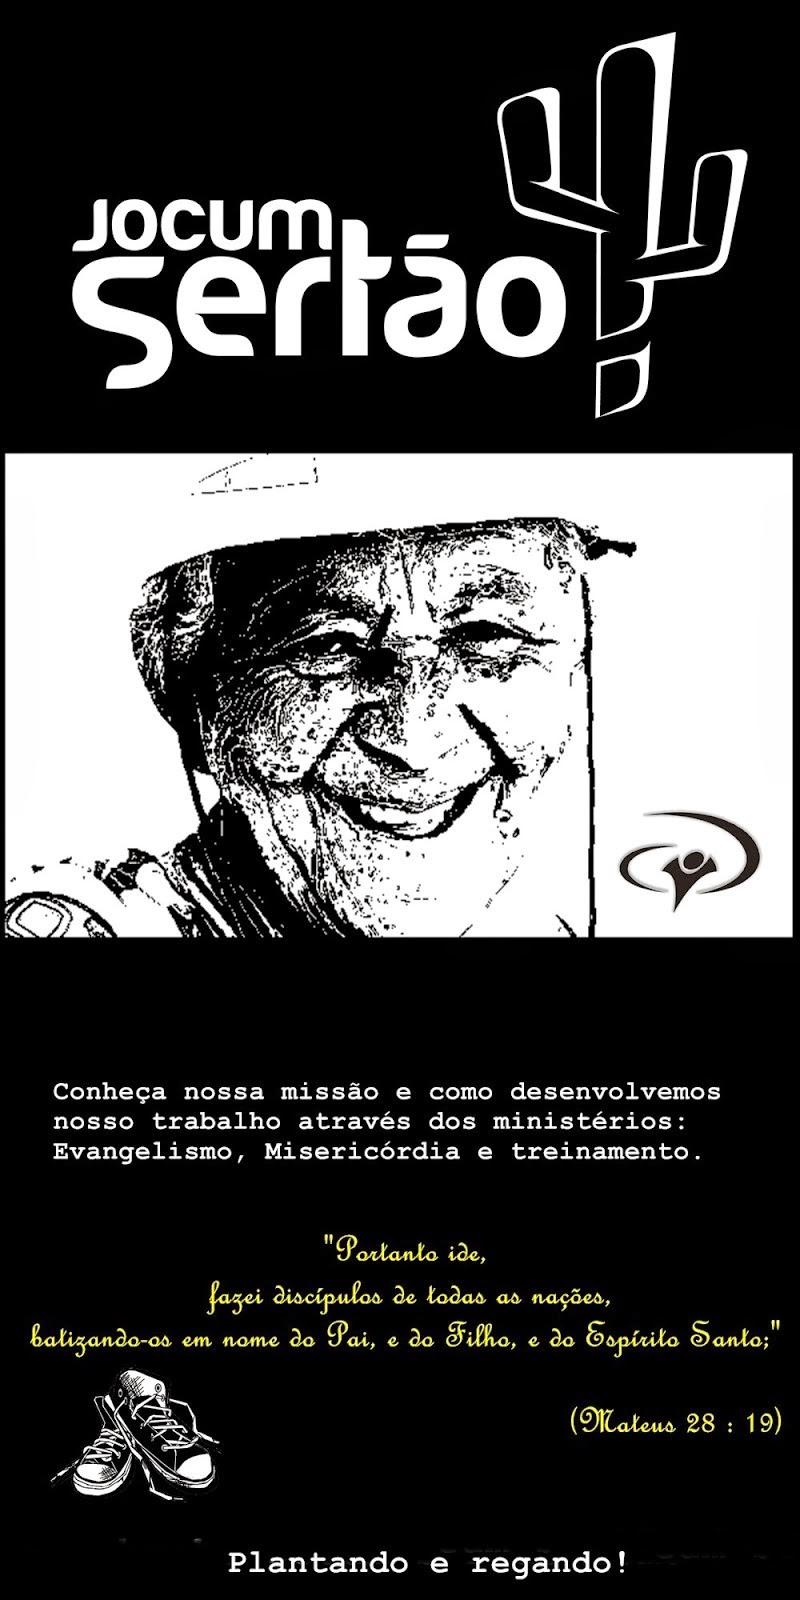 Jocum sertão